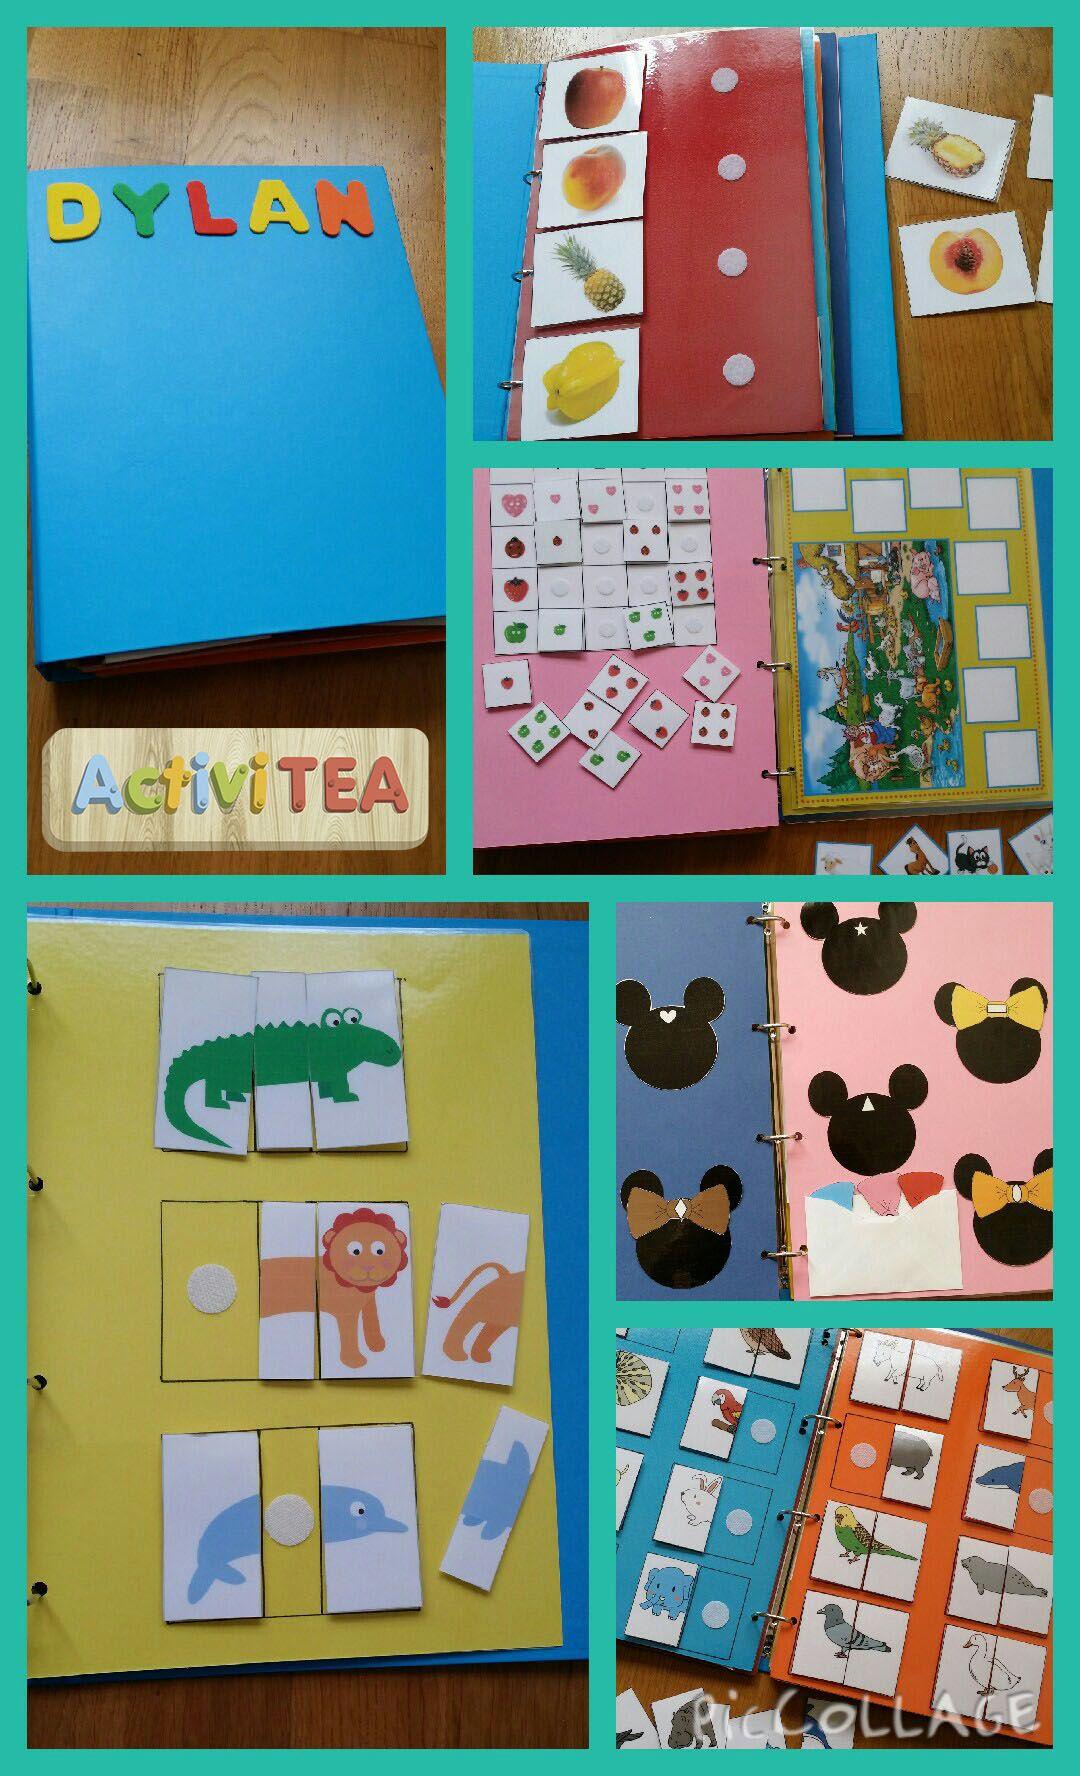 Carpeta De Actividades Con Velcro Actividades Para Niños Autistas Aprendizaje Niños Actividades Para Niños